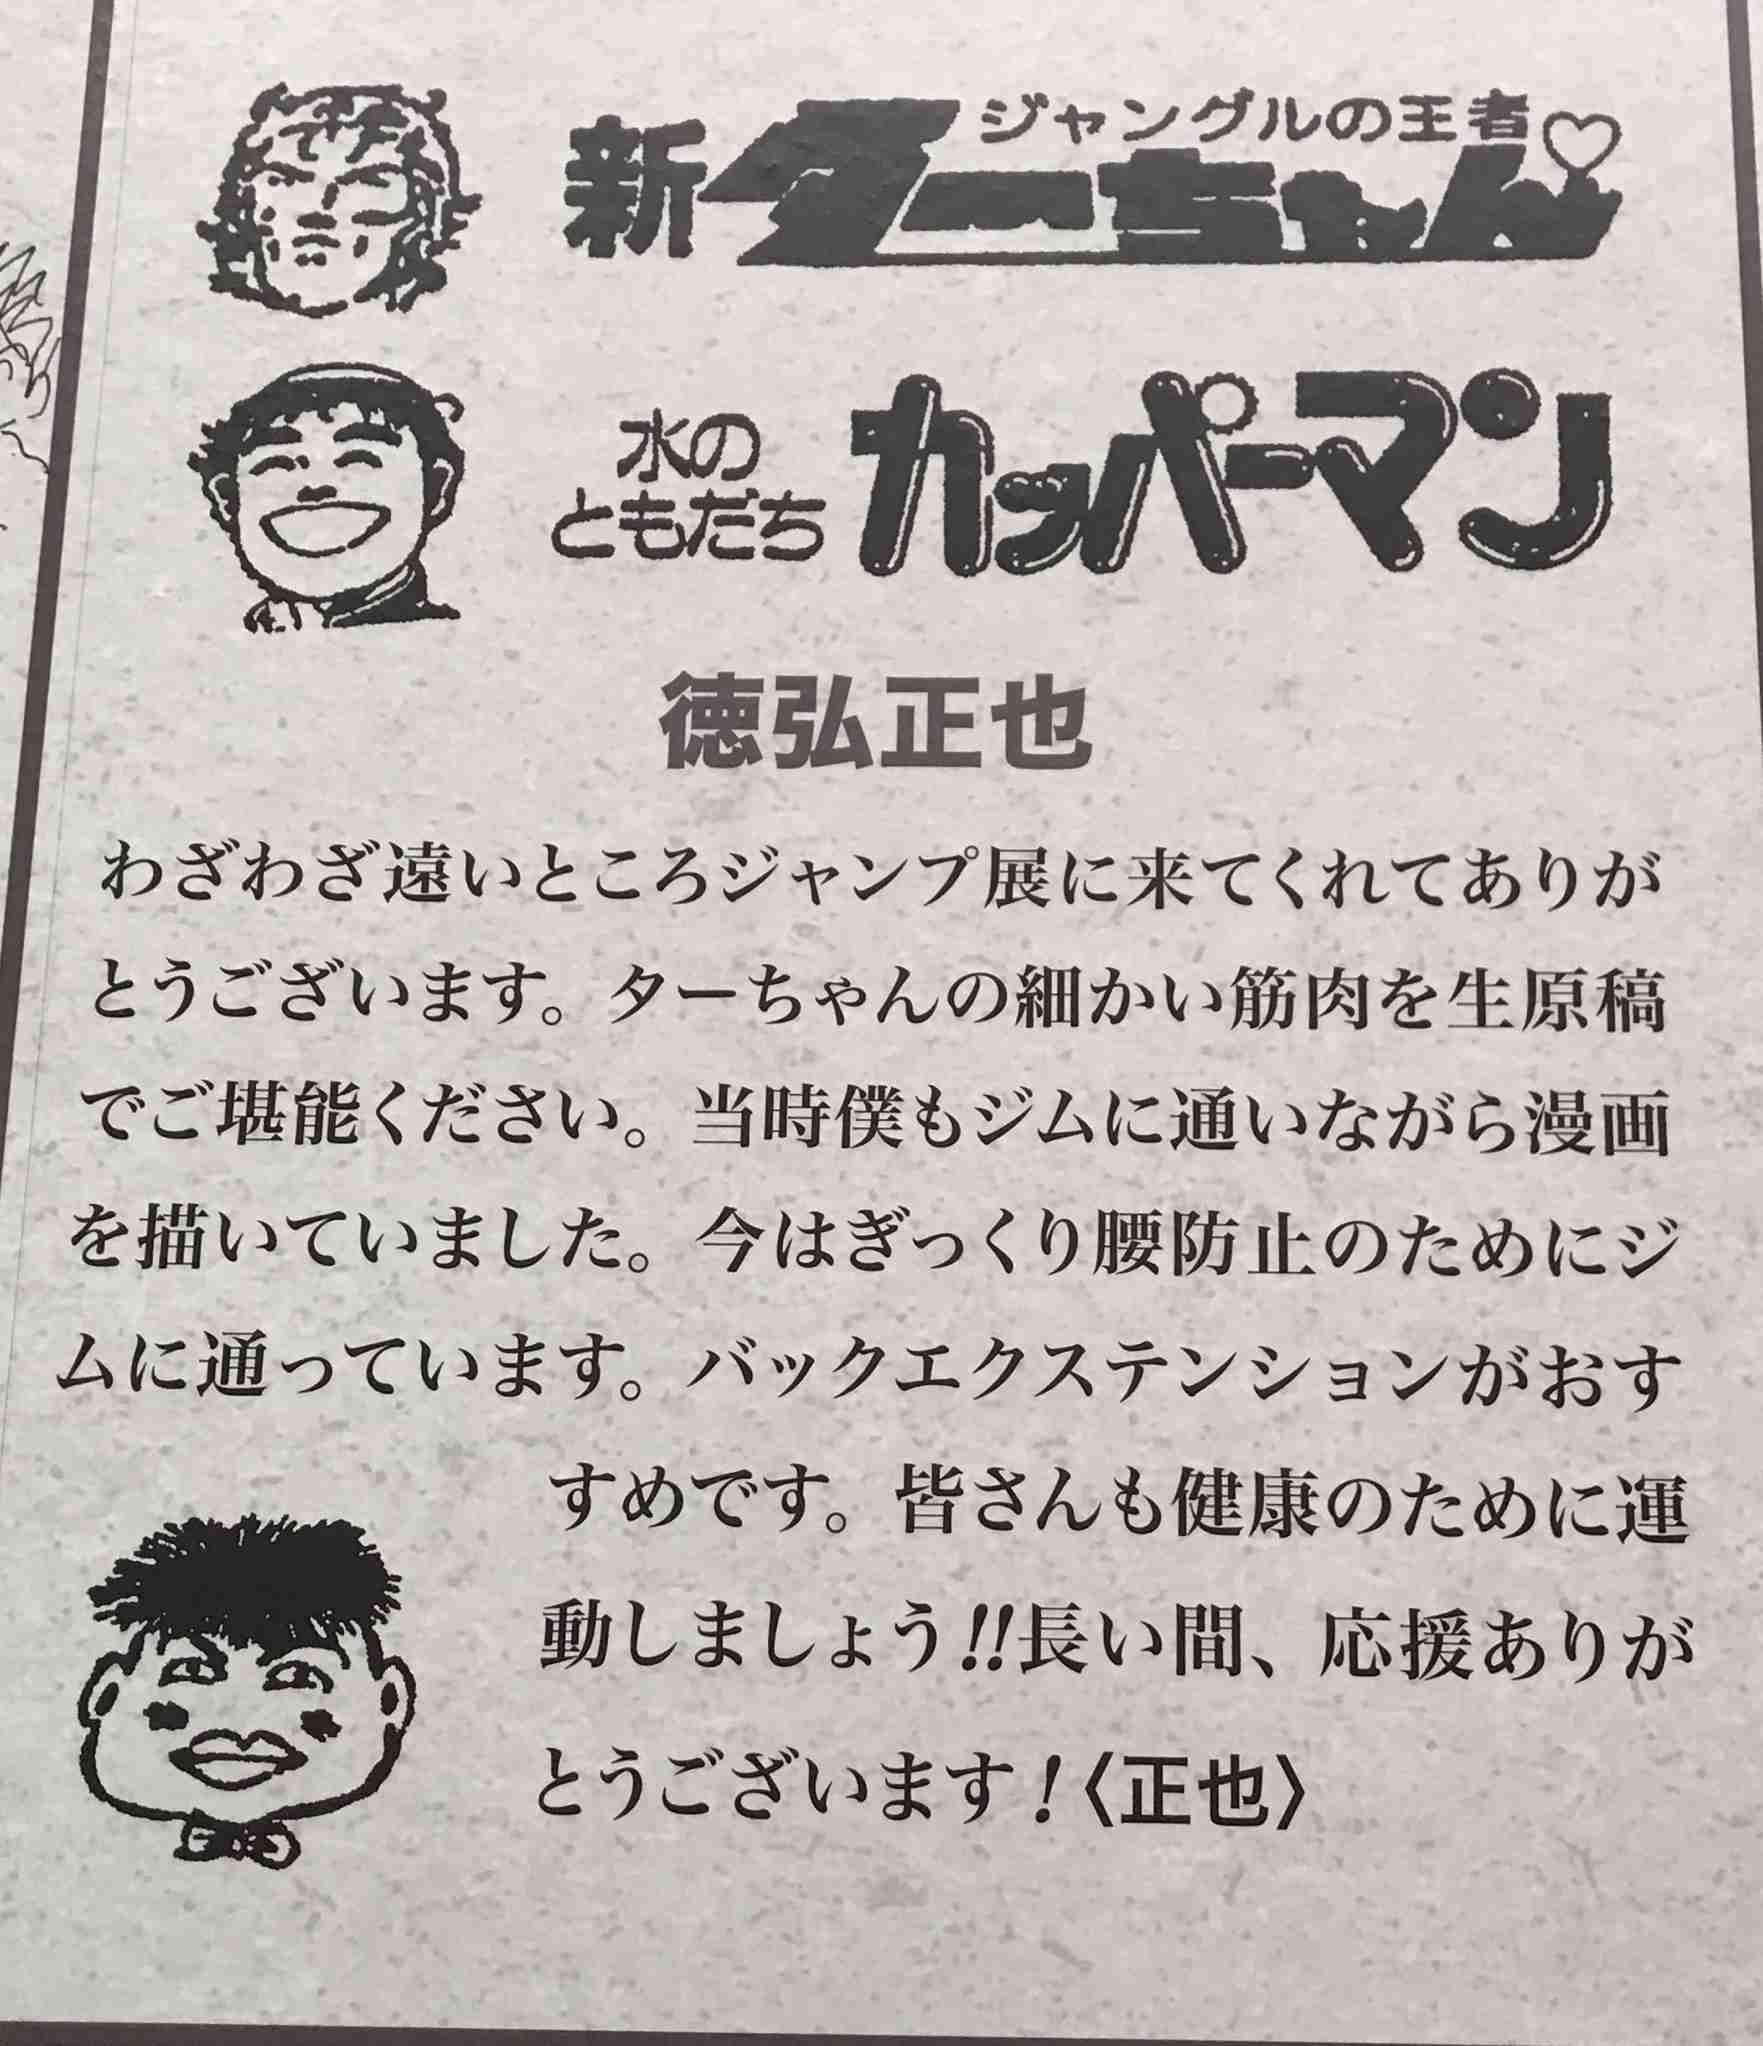 ゆる〜いアニメのおススメ教えて♩